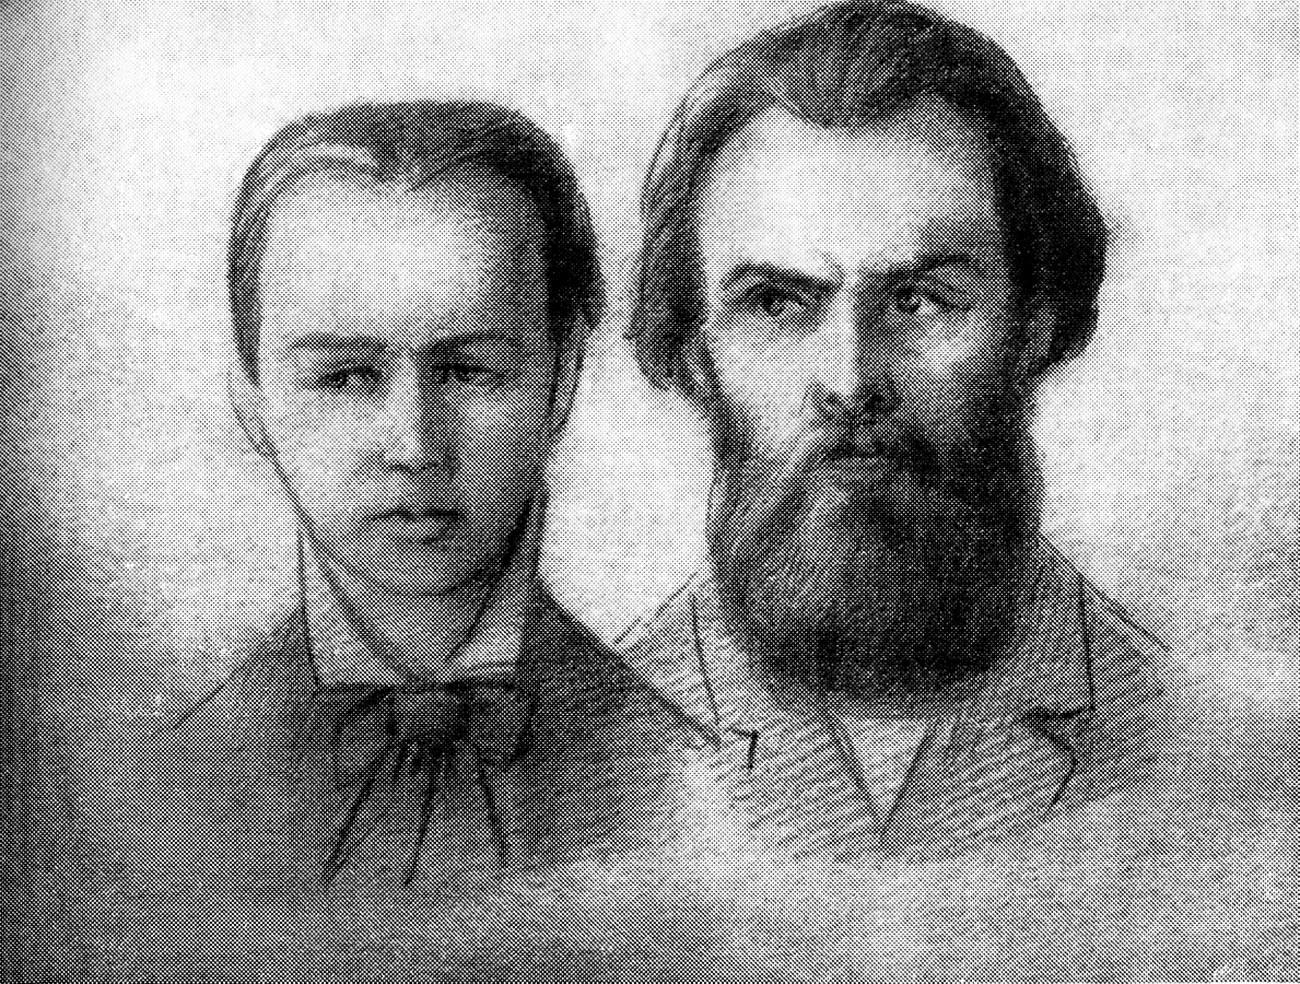 A. Jeliabov et S. Perovskaïa, membres de Narodnaïa Volia poursuivis par la justice après l'assassinat d'Alexandre II